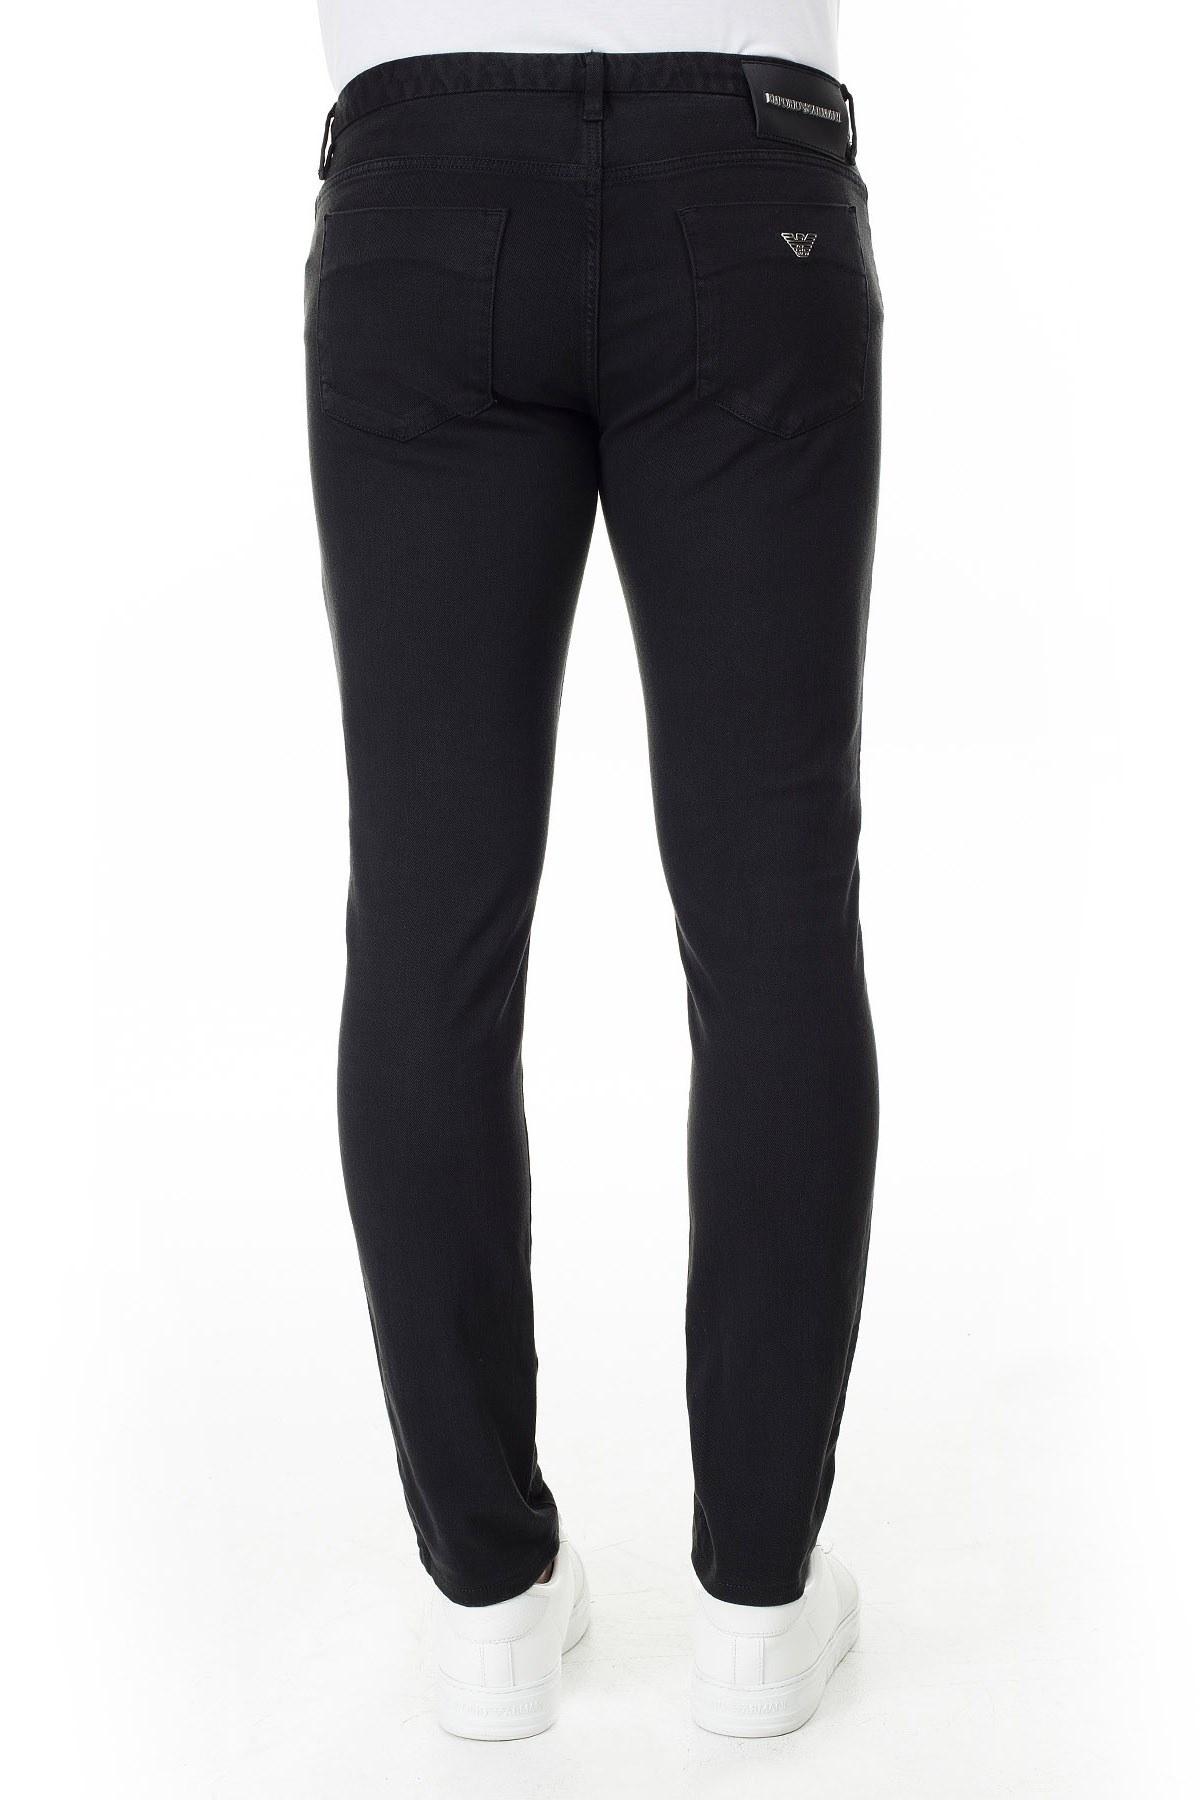 Emporio Armani J11 Jeans Slim Fit Erkek Pamuklu Pantolon 3H1J11 1N9SZ 0999 SİYAH